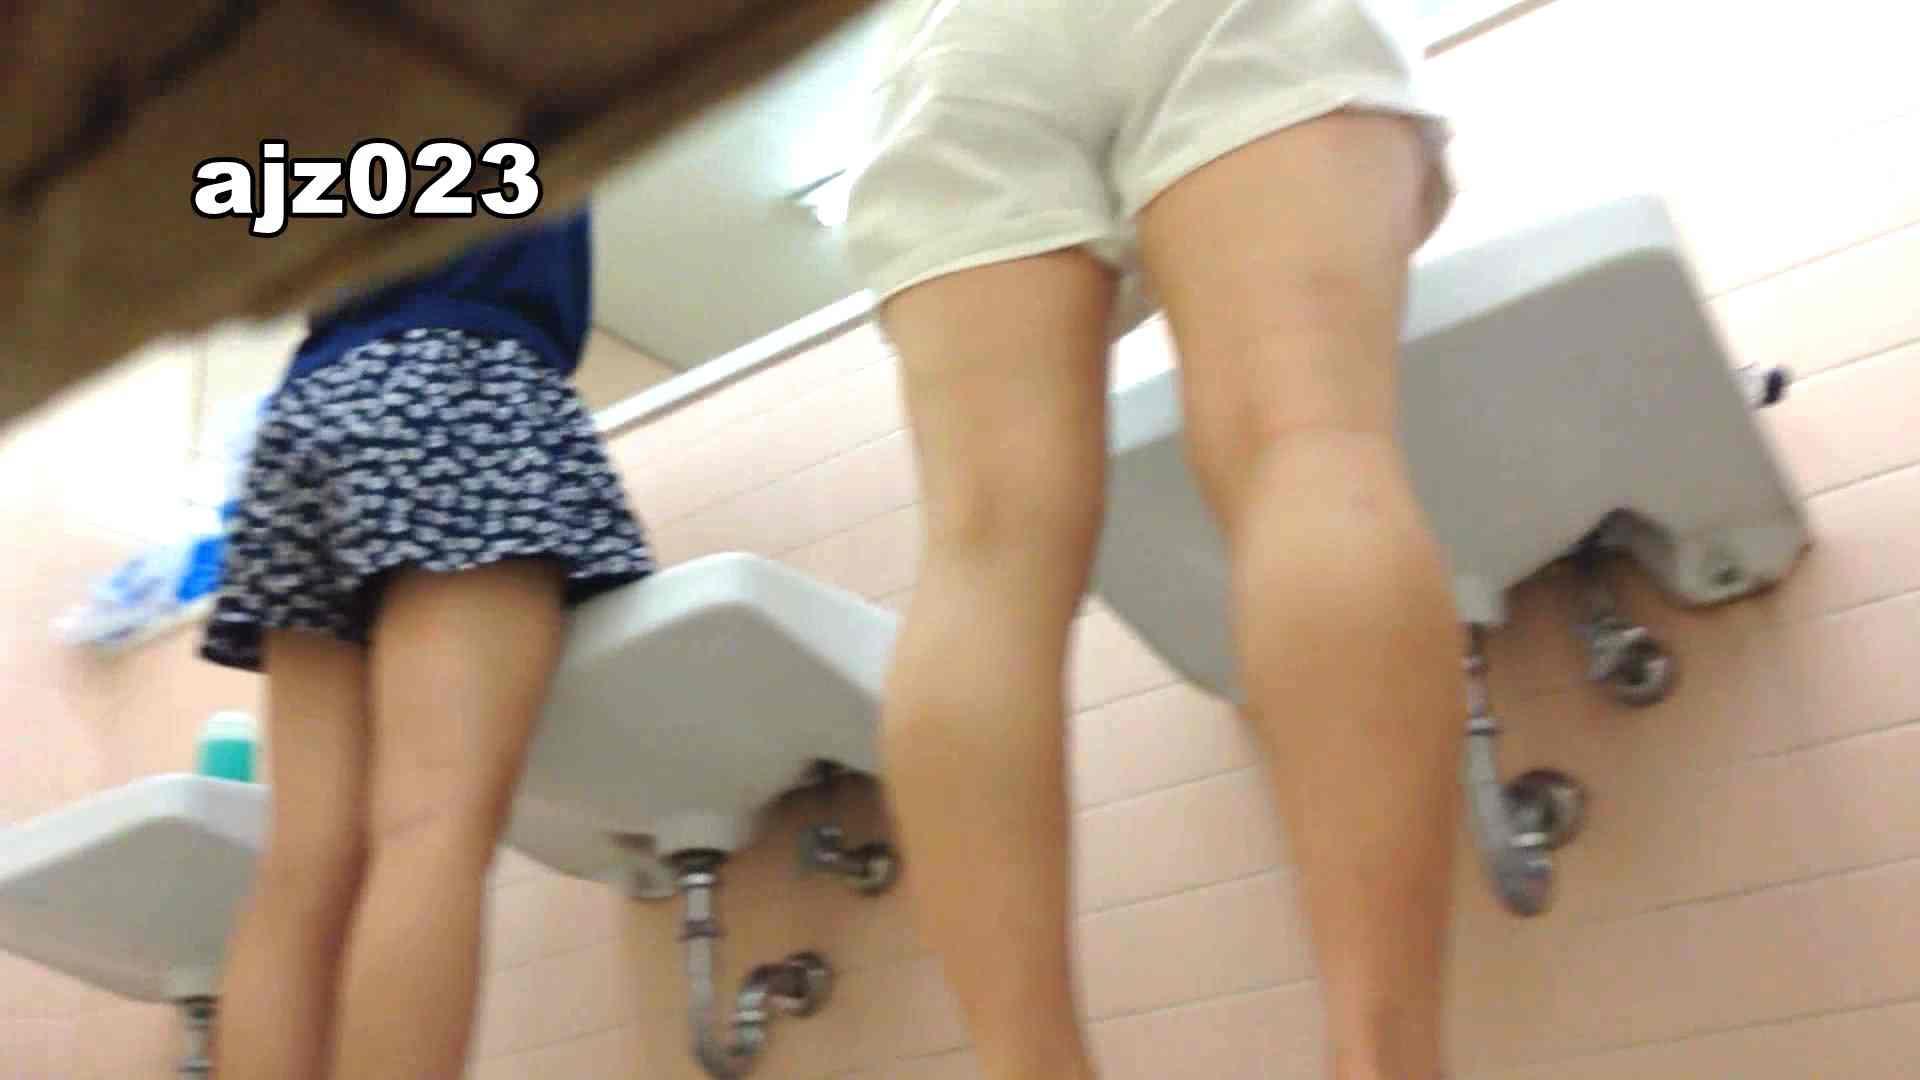 某有名大学女性洗面所 vol.23 OLのプライベート | 和式  13pic 5